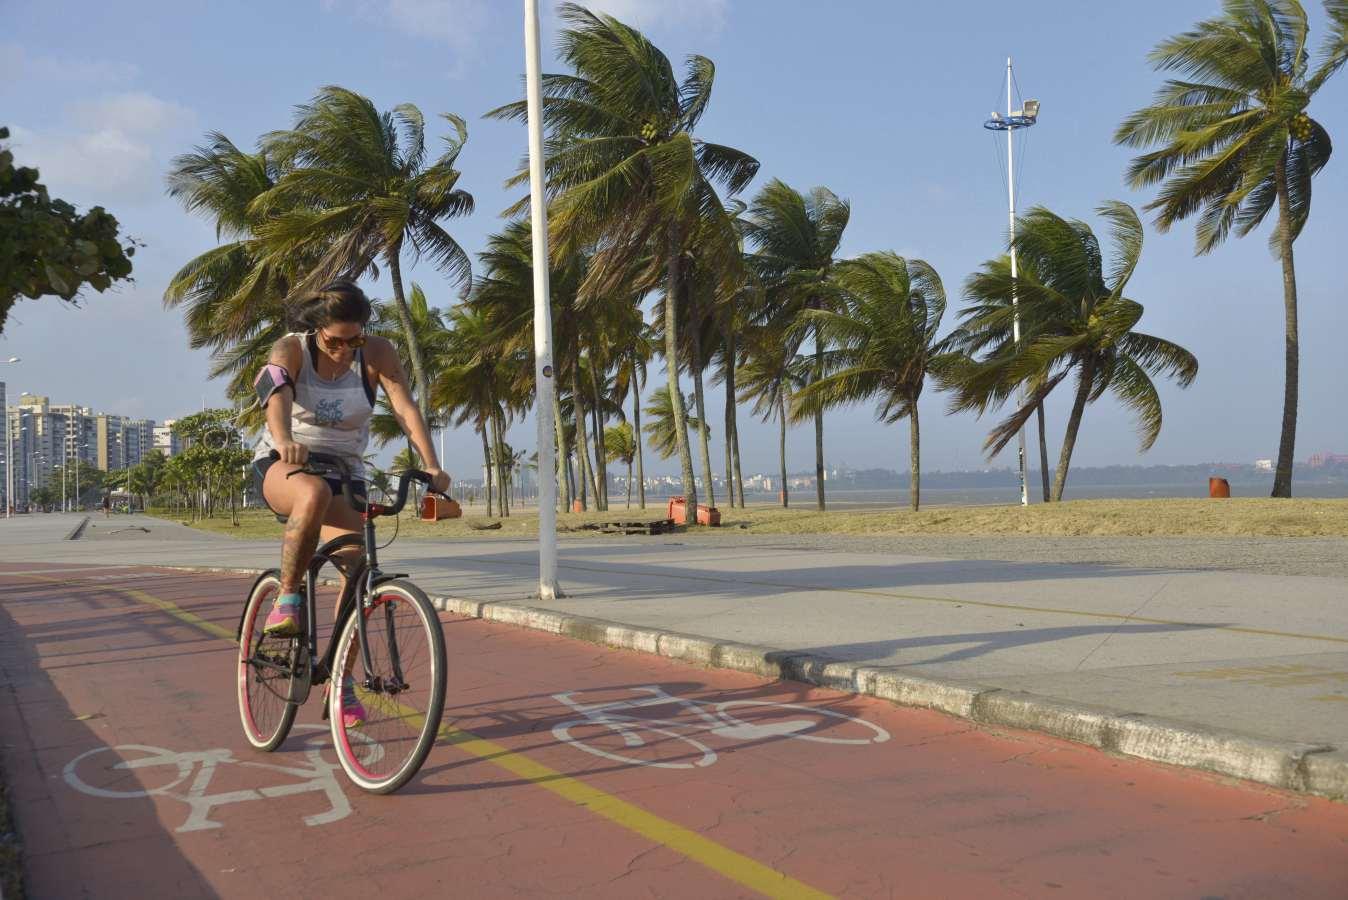 Ventos fortes em Vitória. Crédito: Edson Chagas